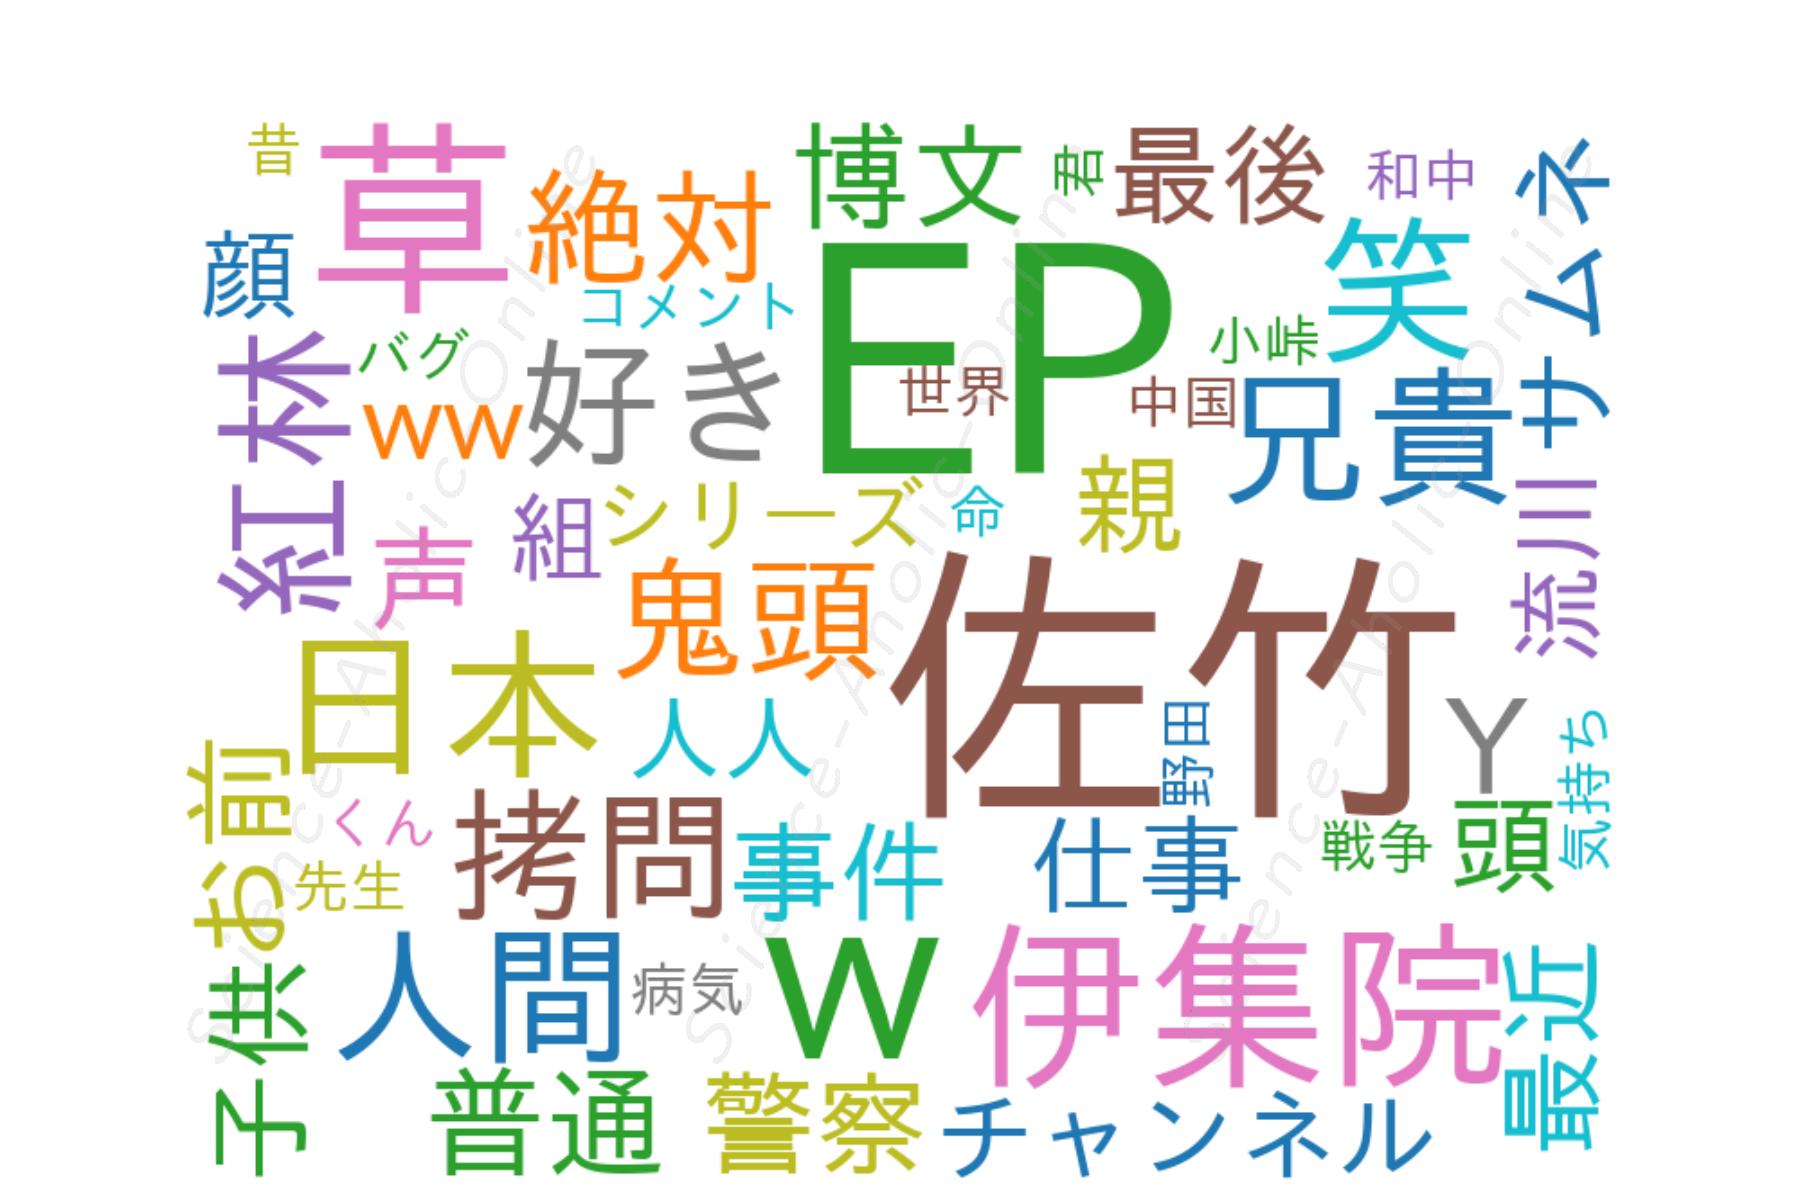 wordcloud_ヒューマンバグ大学_闇の漫画